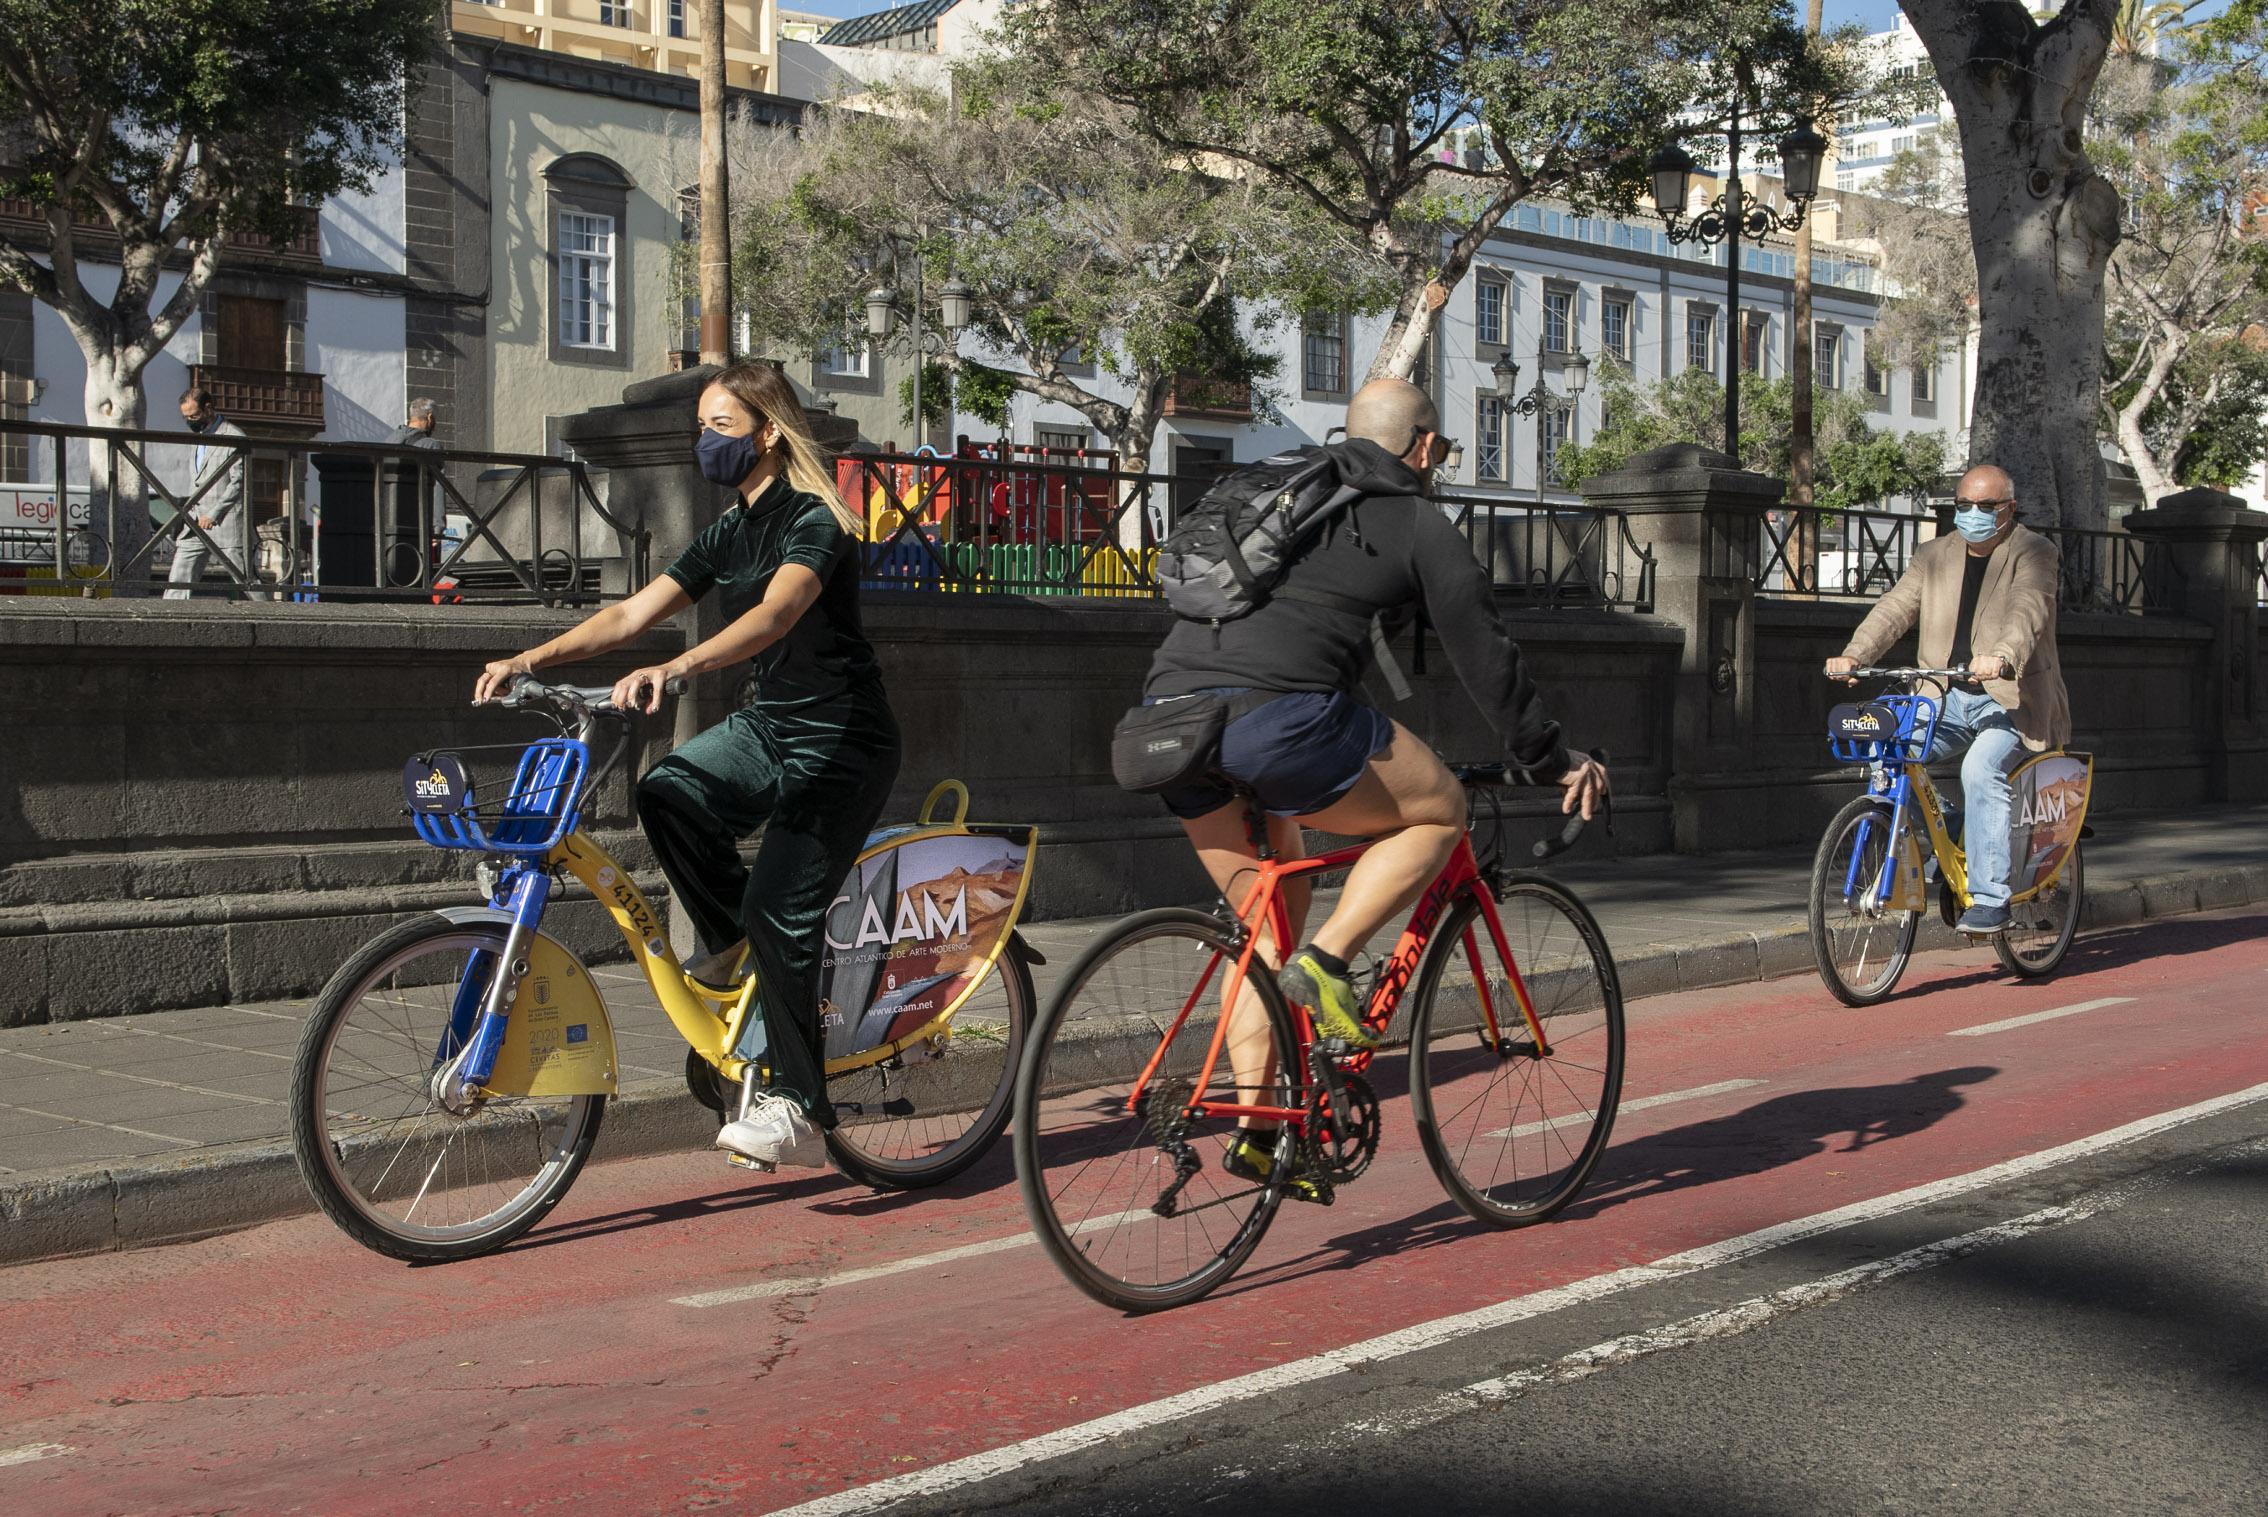 El CAAM apuesta por la bicicleta pública de uso compartido como soporte de promoción del arte y la cultura sostenible